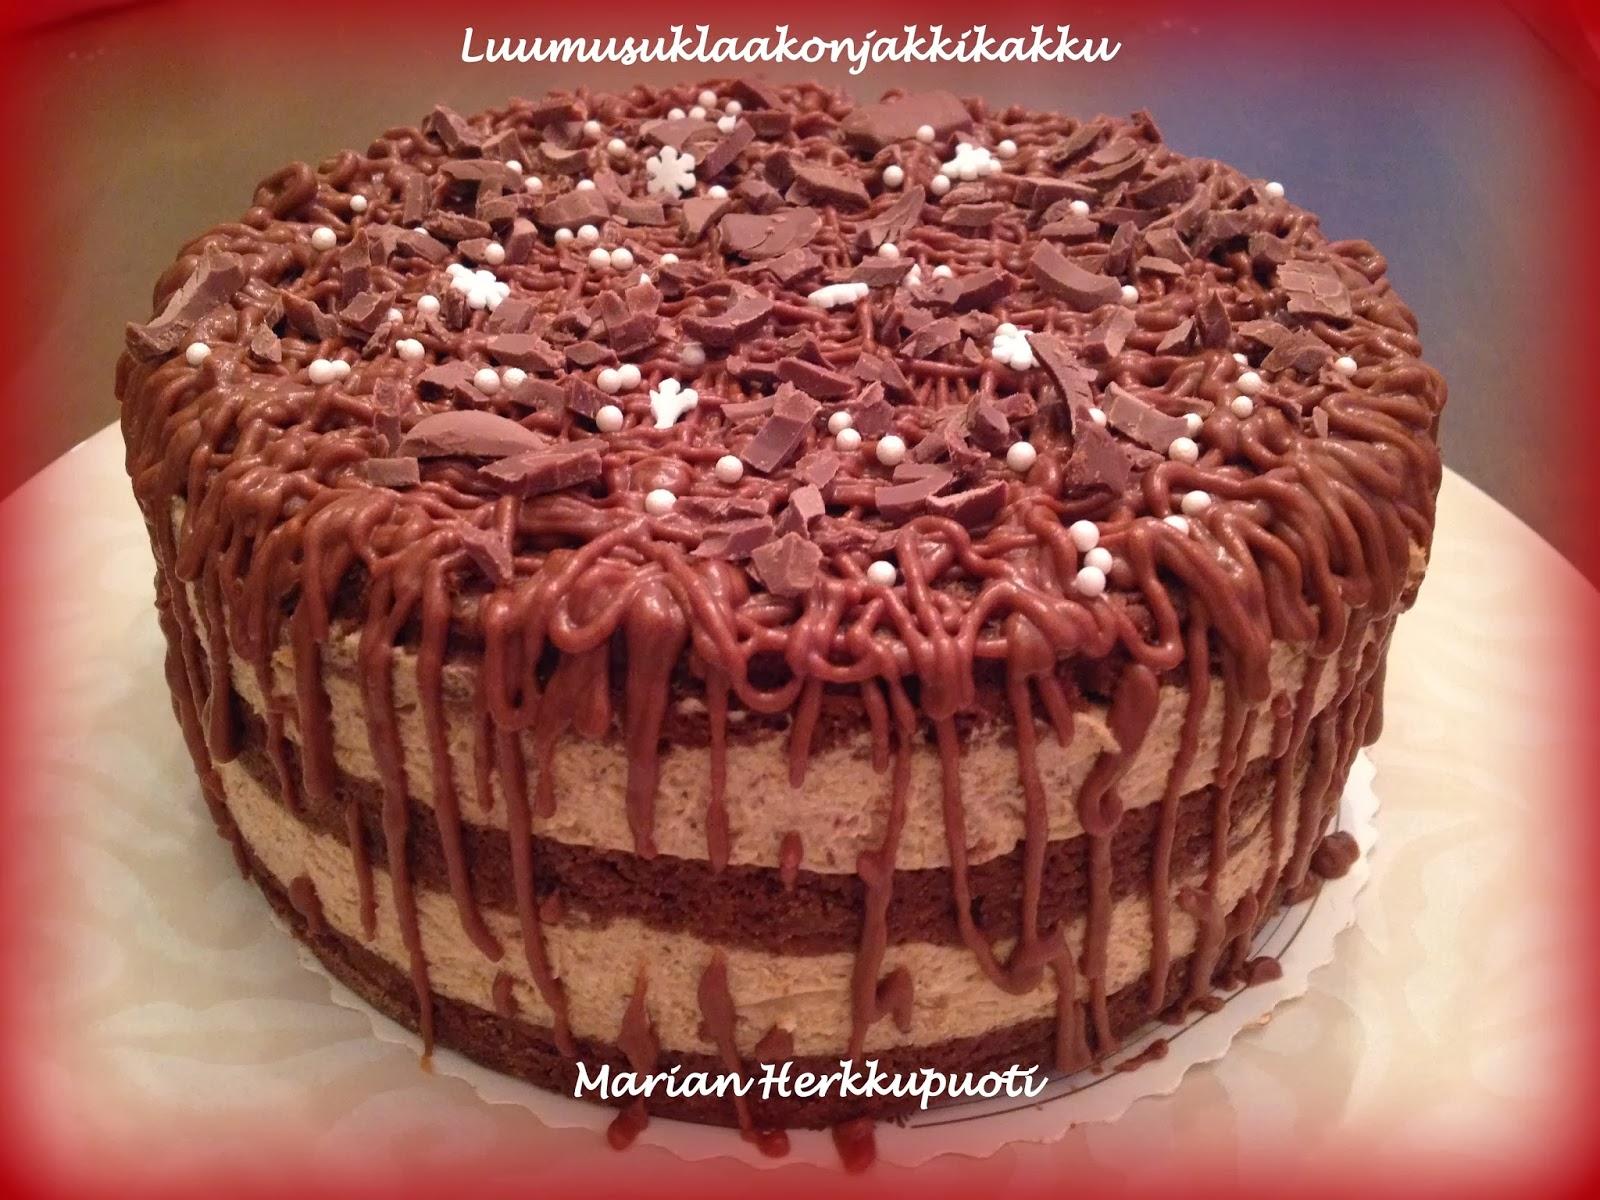 neliön muotoinen kakkupohja